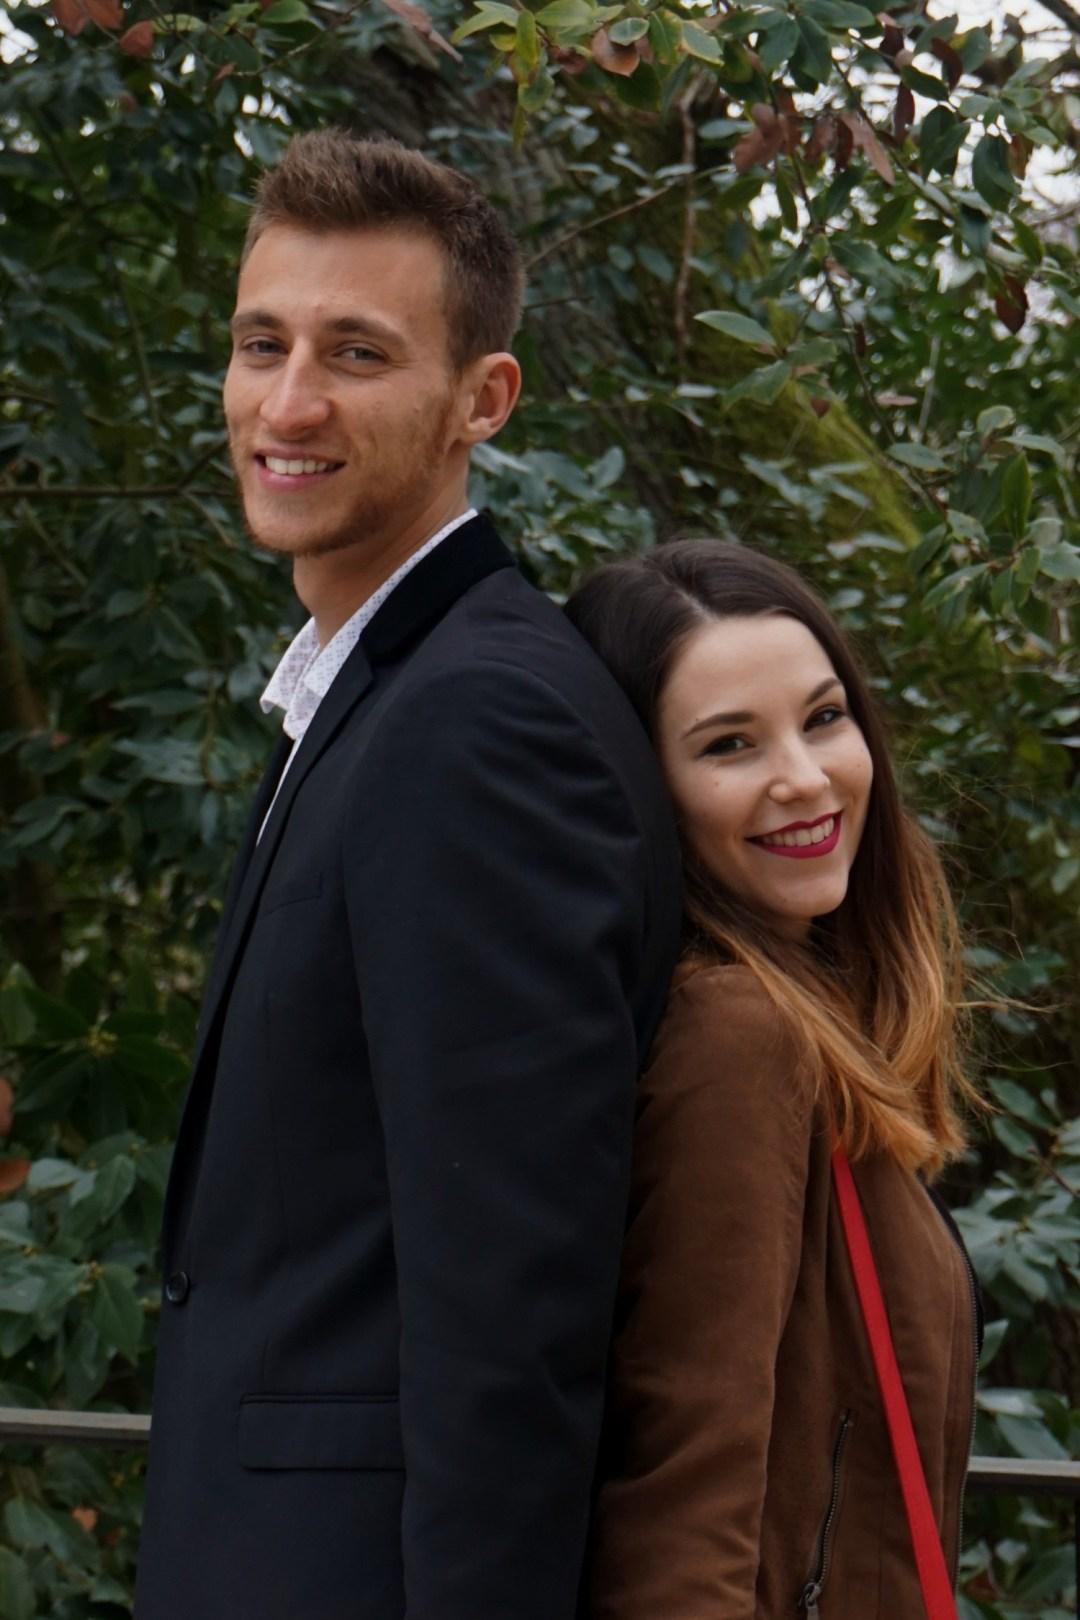 LOOK DE COUPLE POUR LA SAINT VALENTIN PARC MAJOLAN EYSINES BLOG BORDEAUX MODE CORSE 10